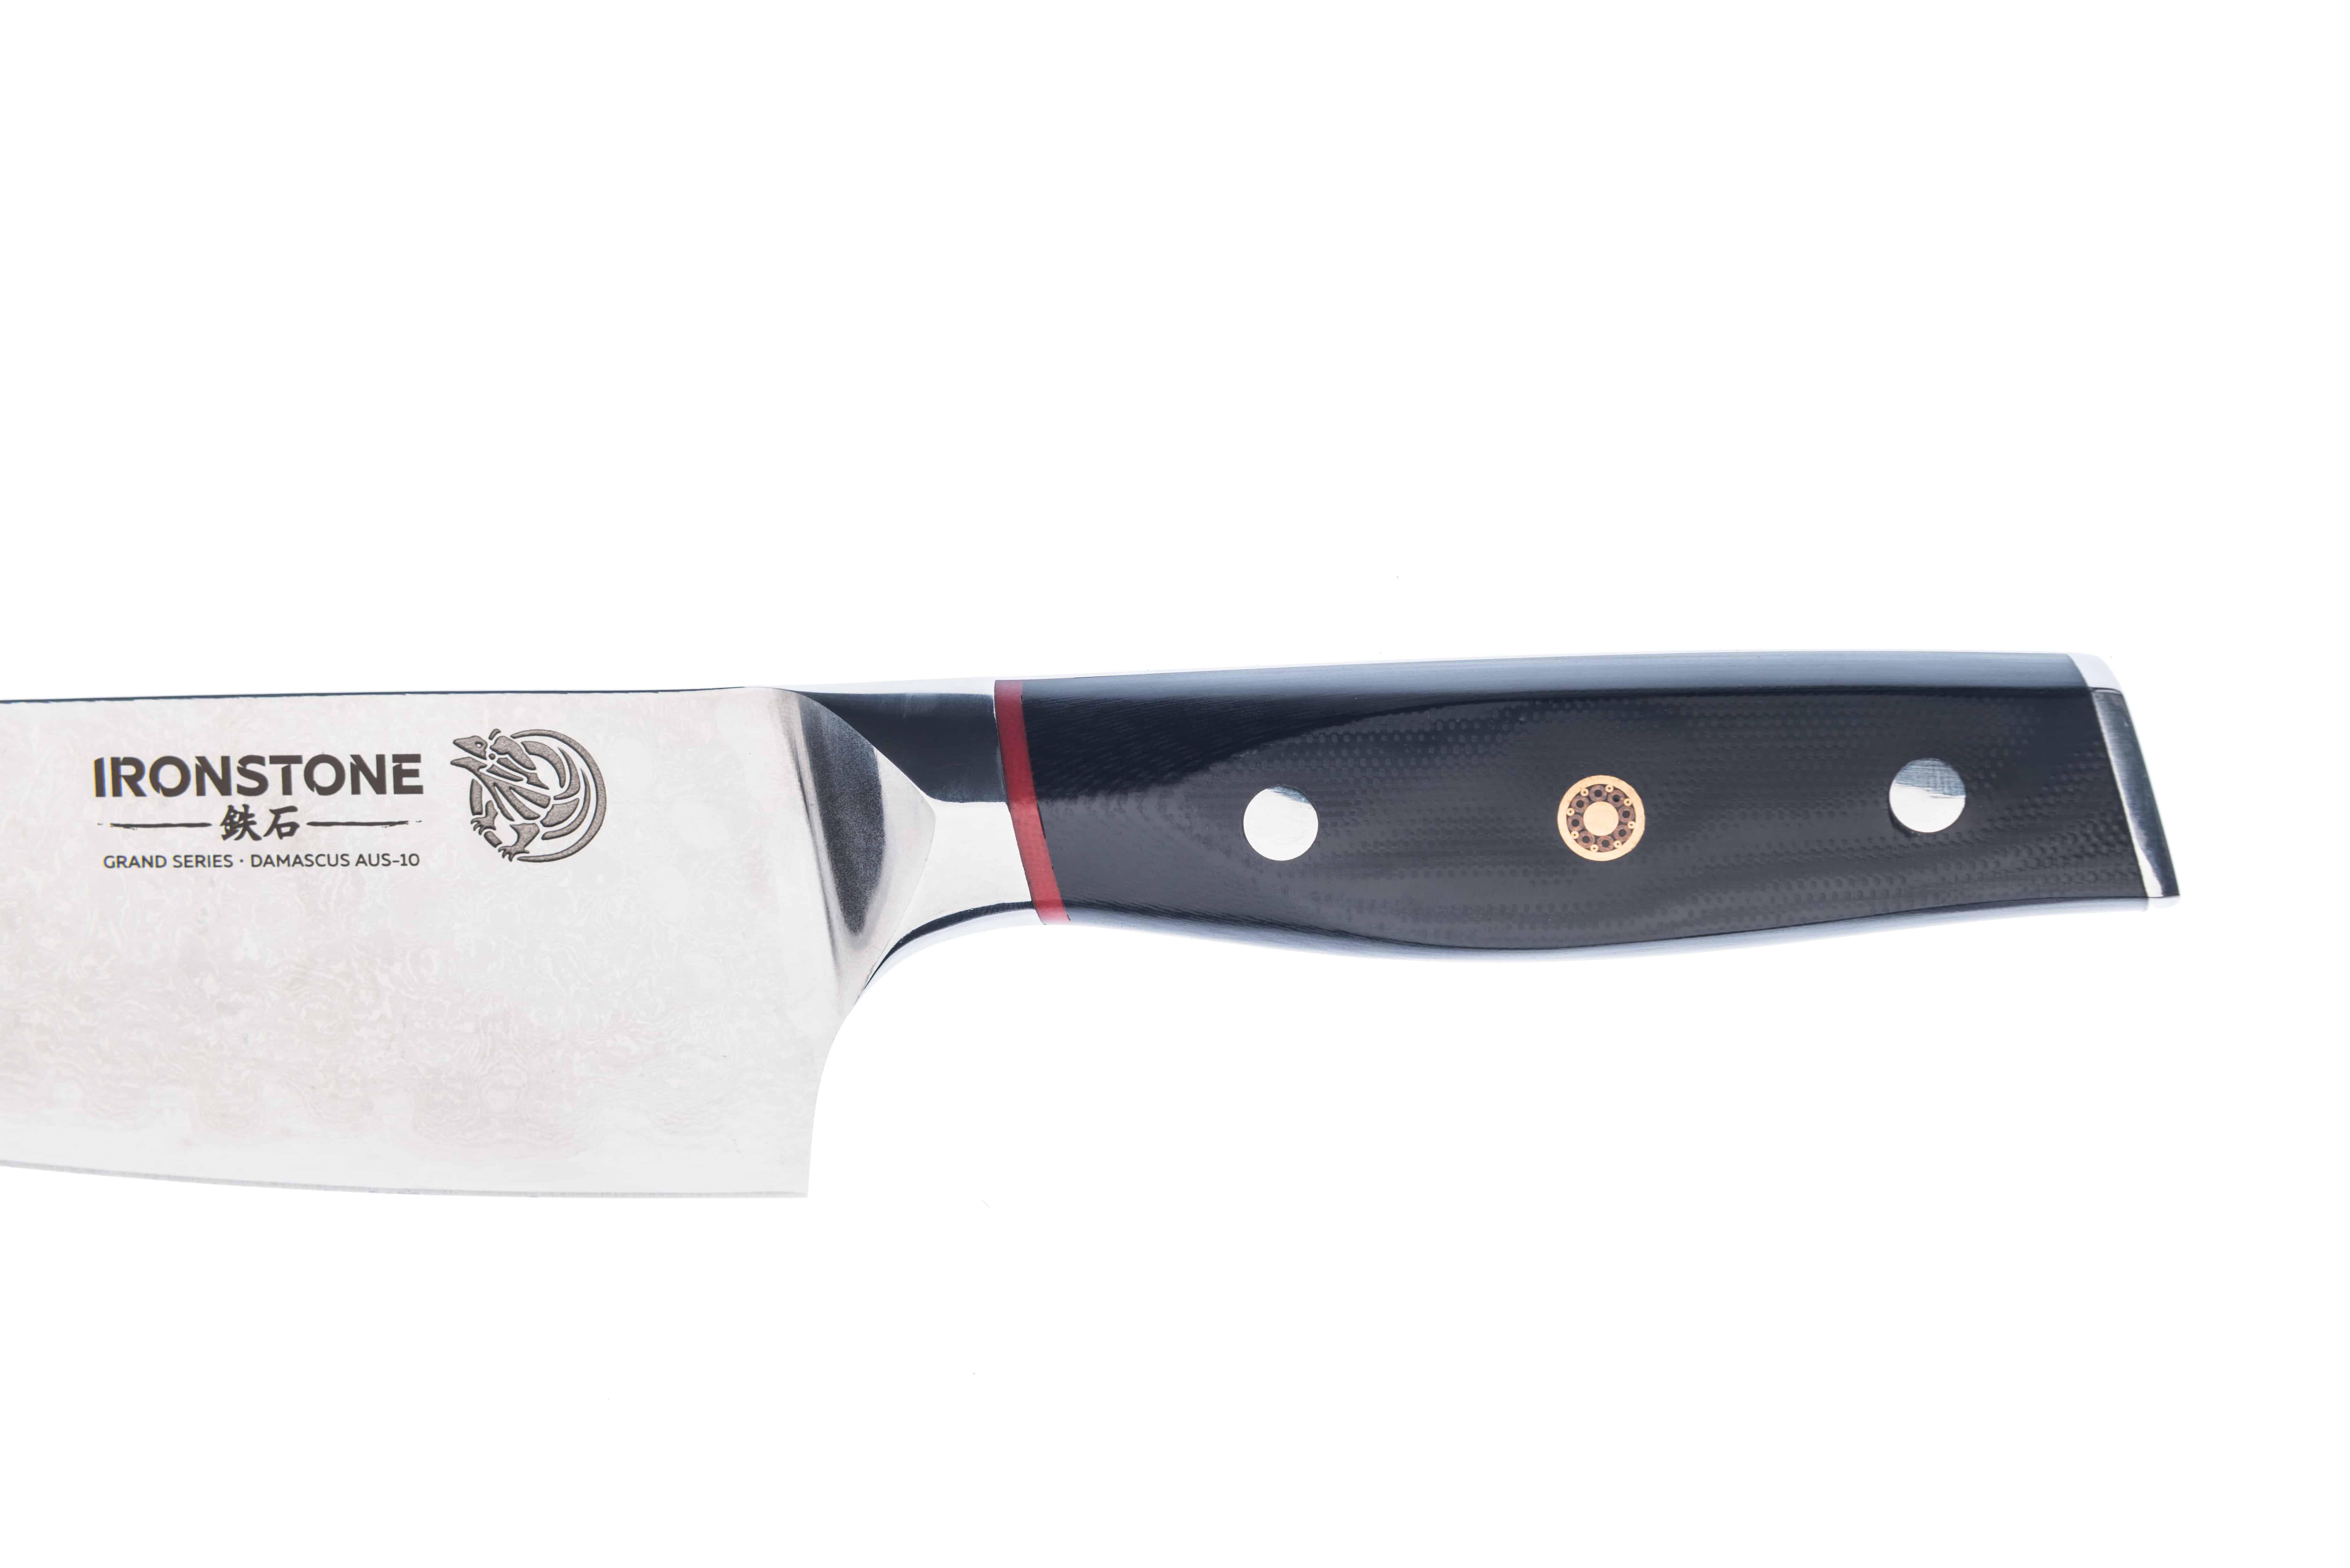 -Ironstone Grand Series Chef Knife5Ironstone Grand Series Chef Knife